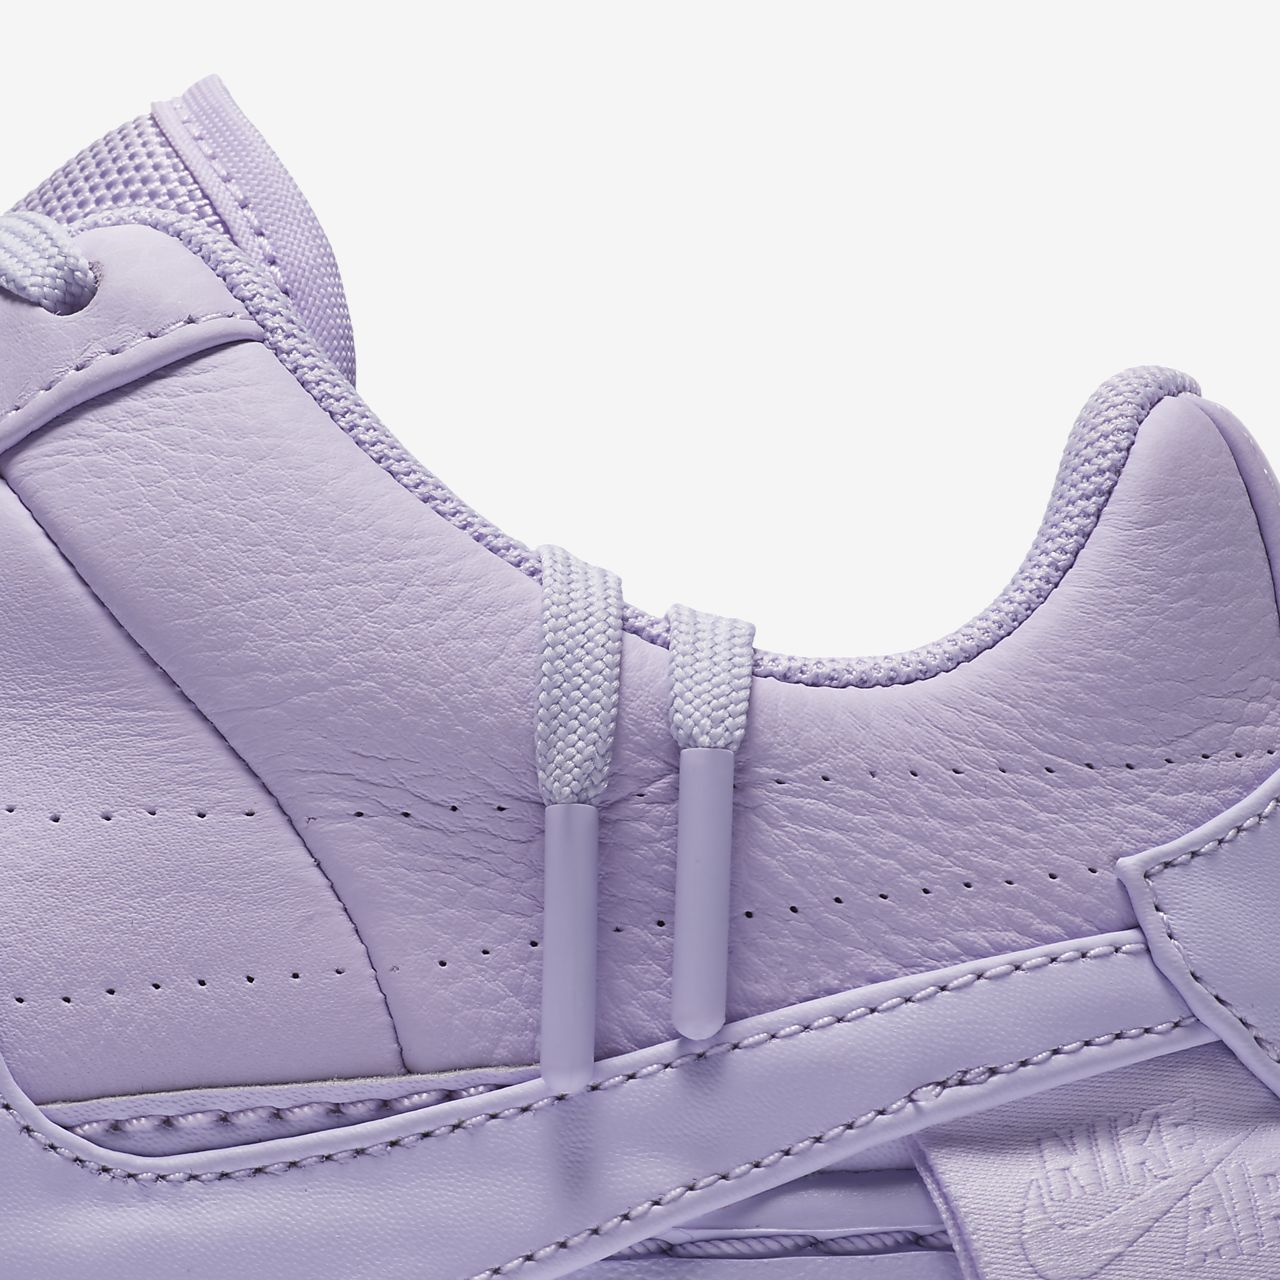 huarache nike ragazza violet mist white